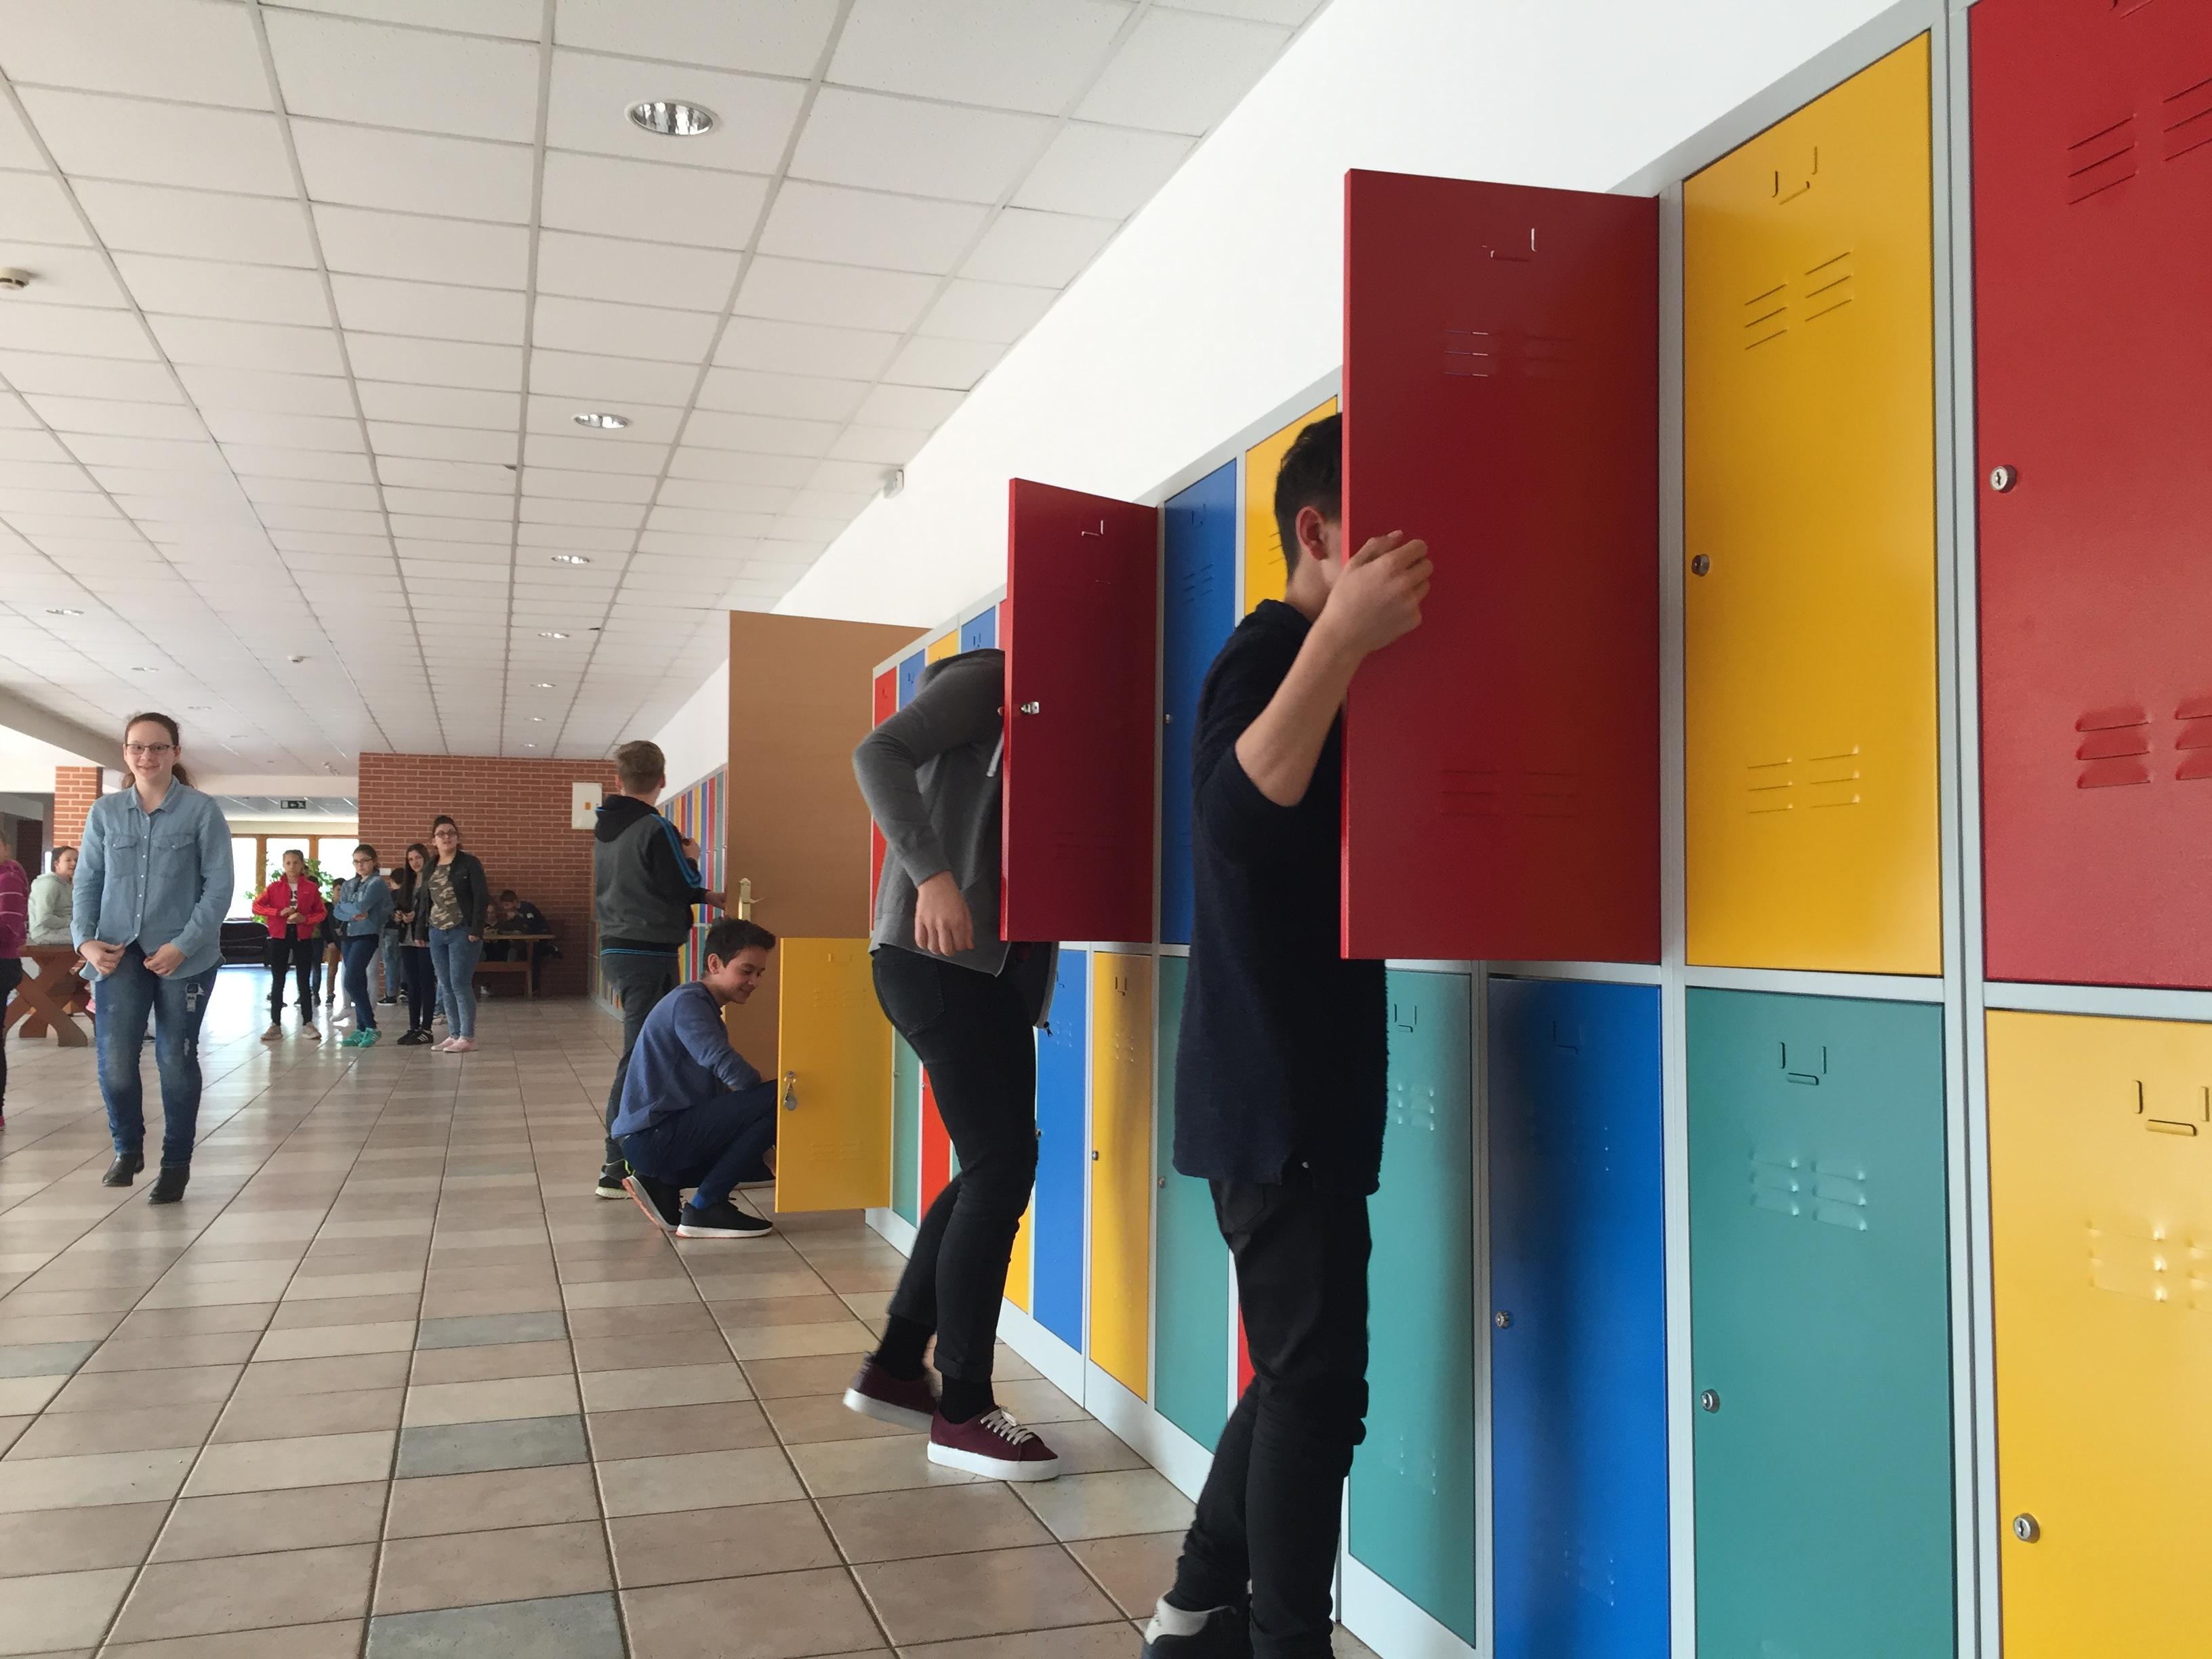 Új tanulói szekrények az iskolában